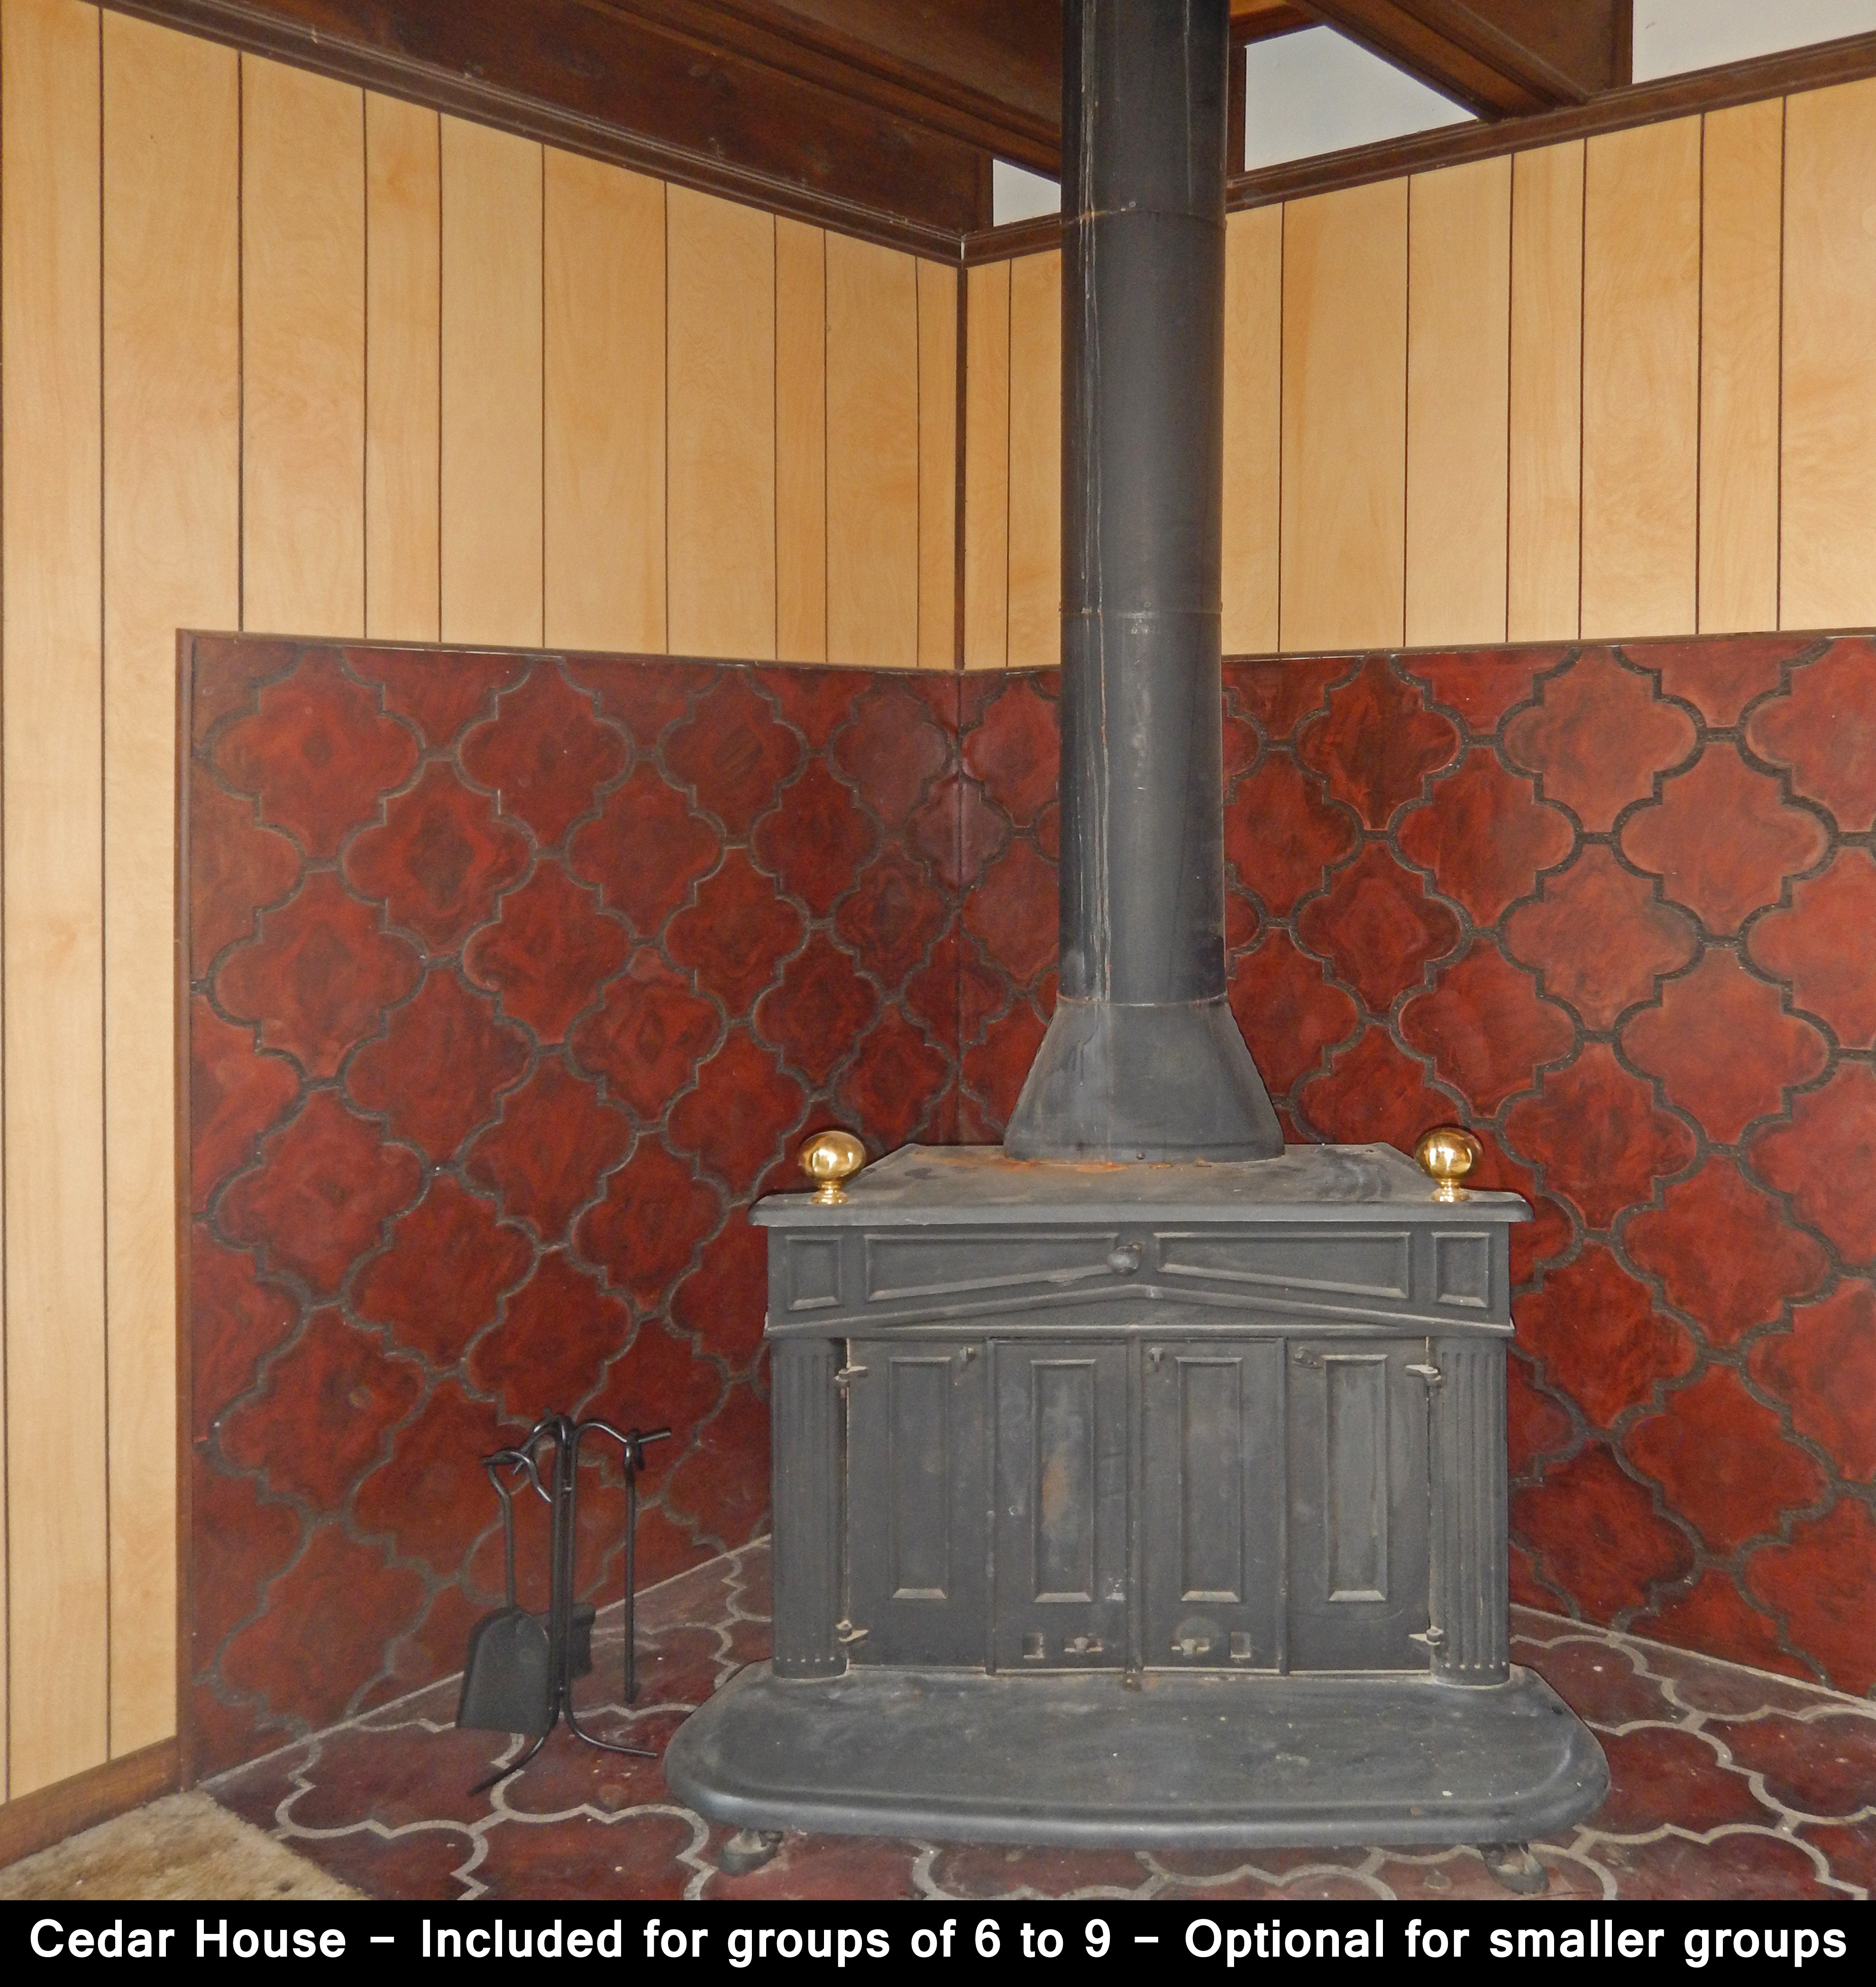 Cedar House - 1BR Stove